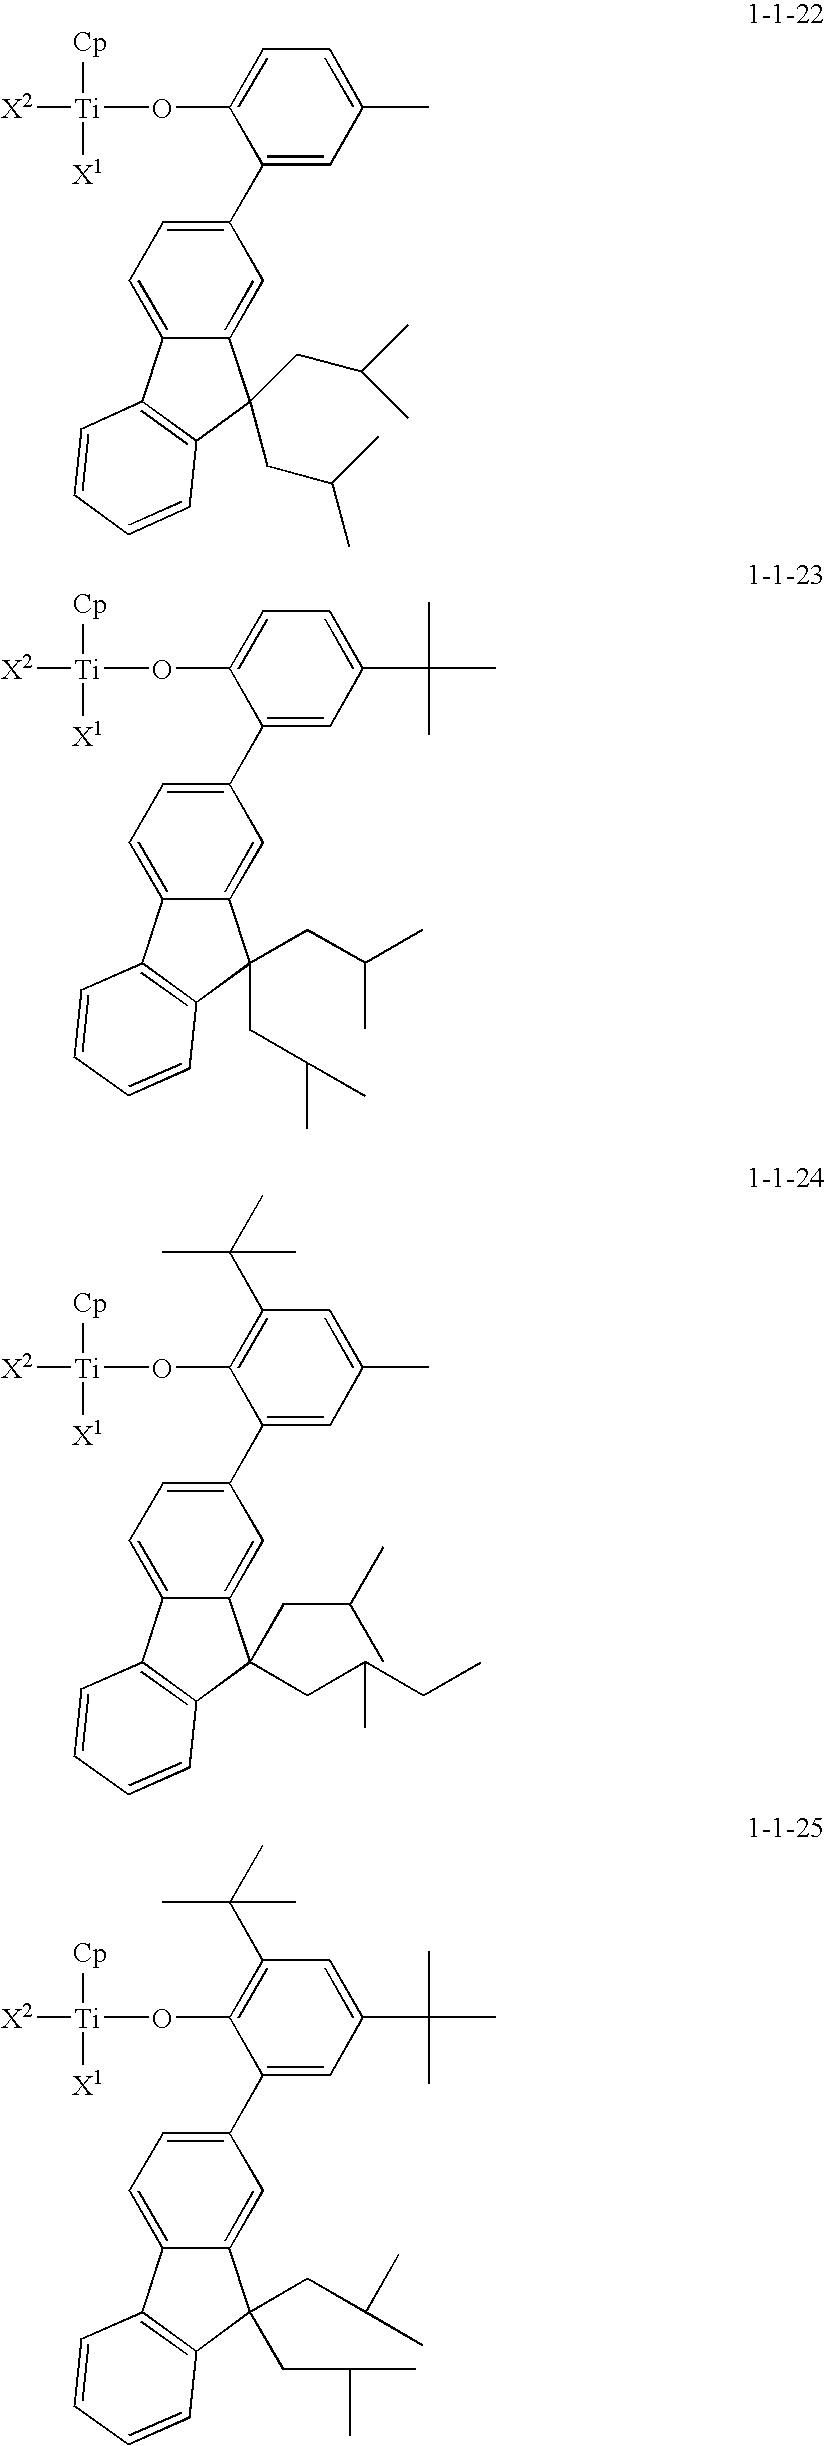 Figure US20100081776A1-20100401-C00053